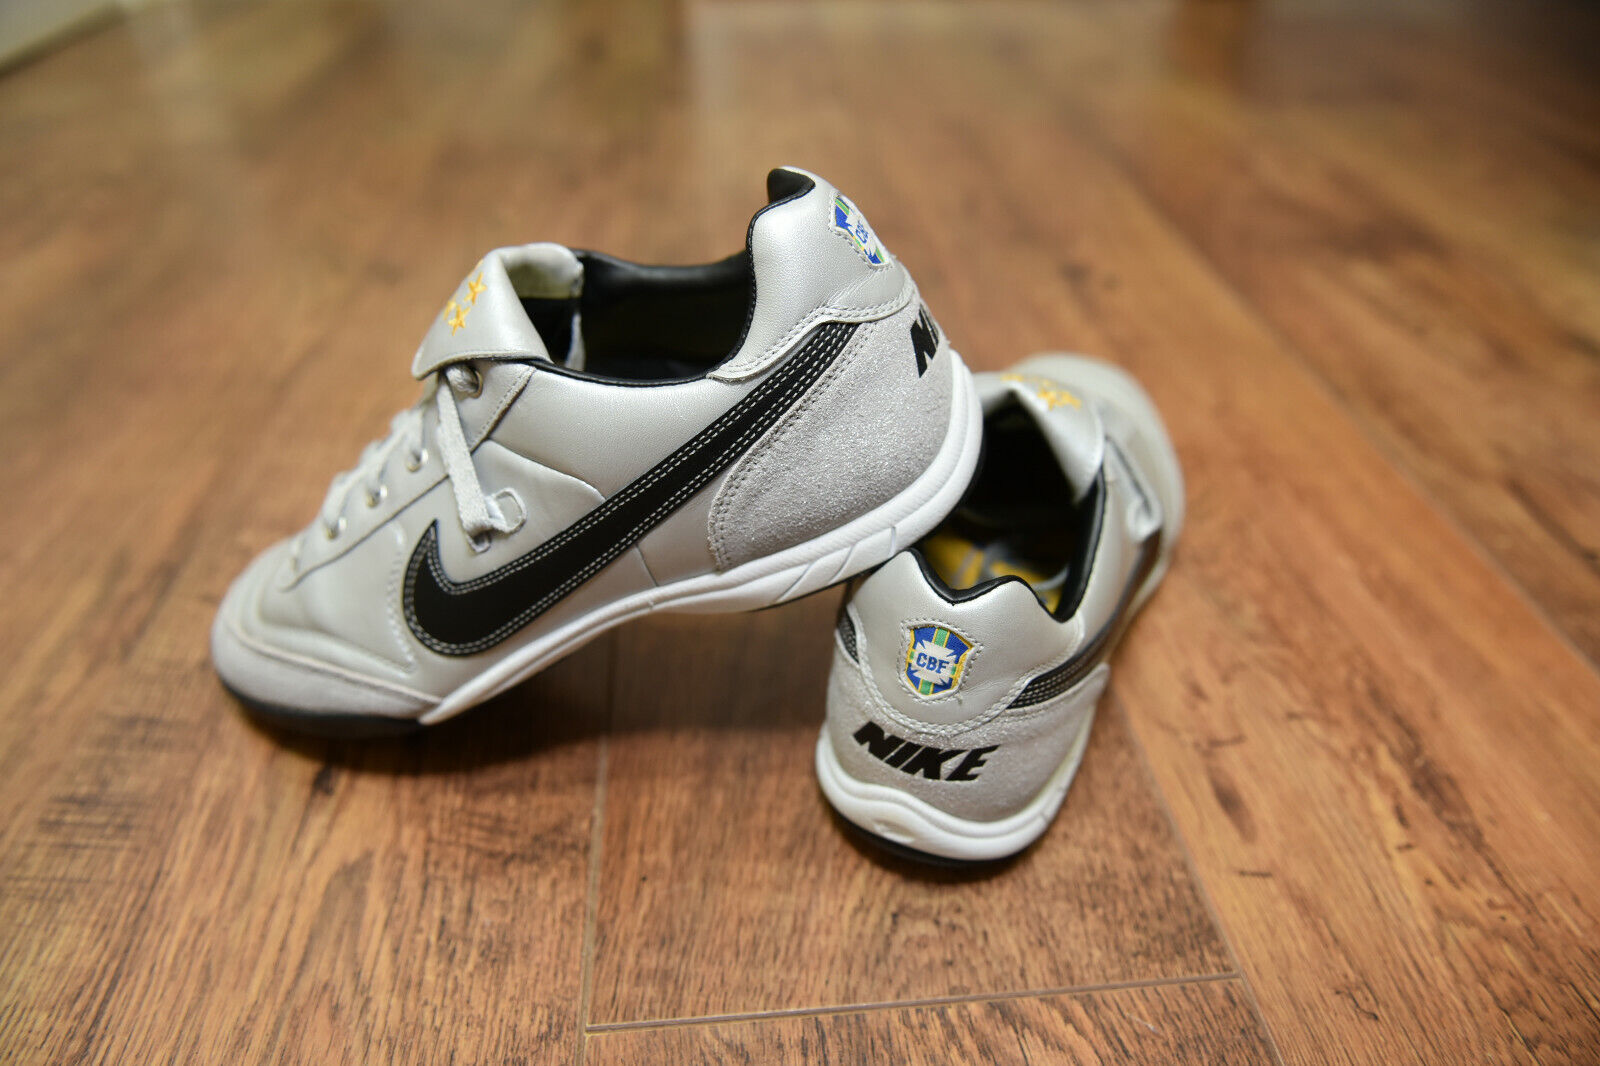 Nike Turf leyenda Brasil Astro Fútbol botas Zapatillas Talla 10 en muy buena condición Ronaldinho